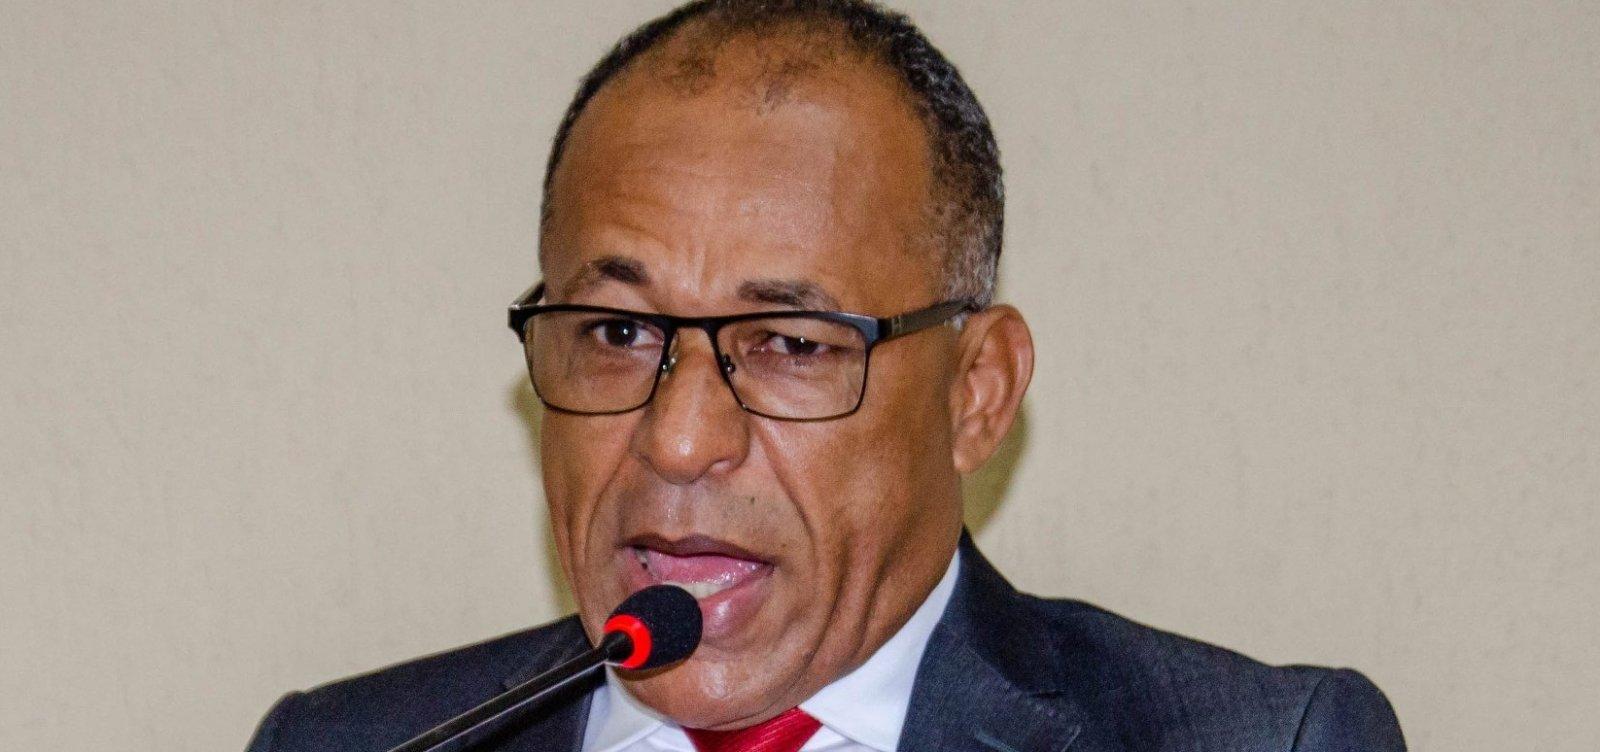 [Candeias: MP mostra lista para 'compra de votos' em favor de vereador]